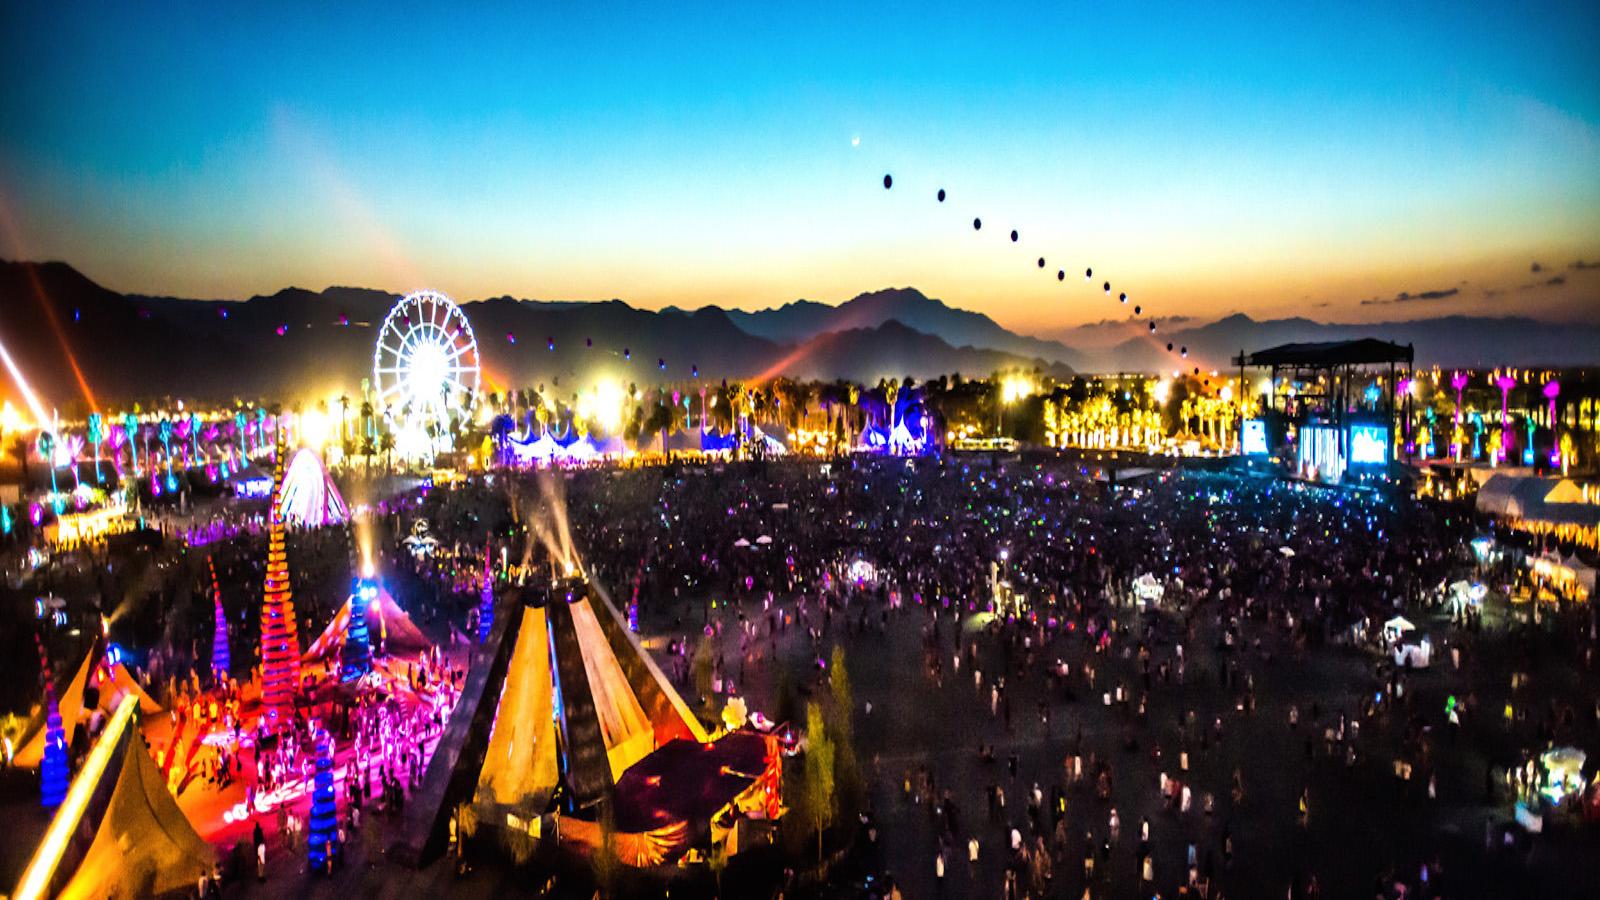 Coachella 2016 Live Stream - Coachella Valley Music And Arts Festival 2018 - HD Wallpaper